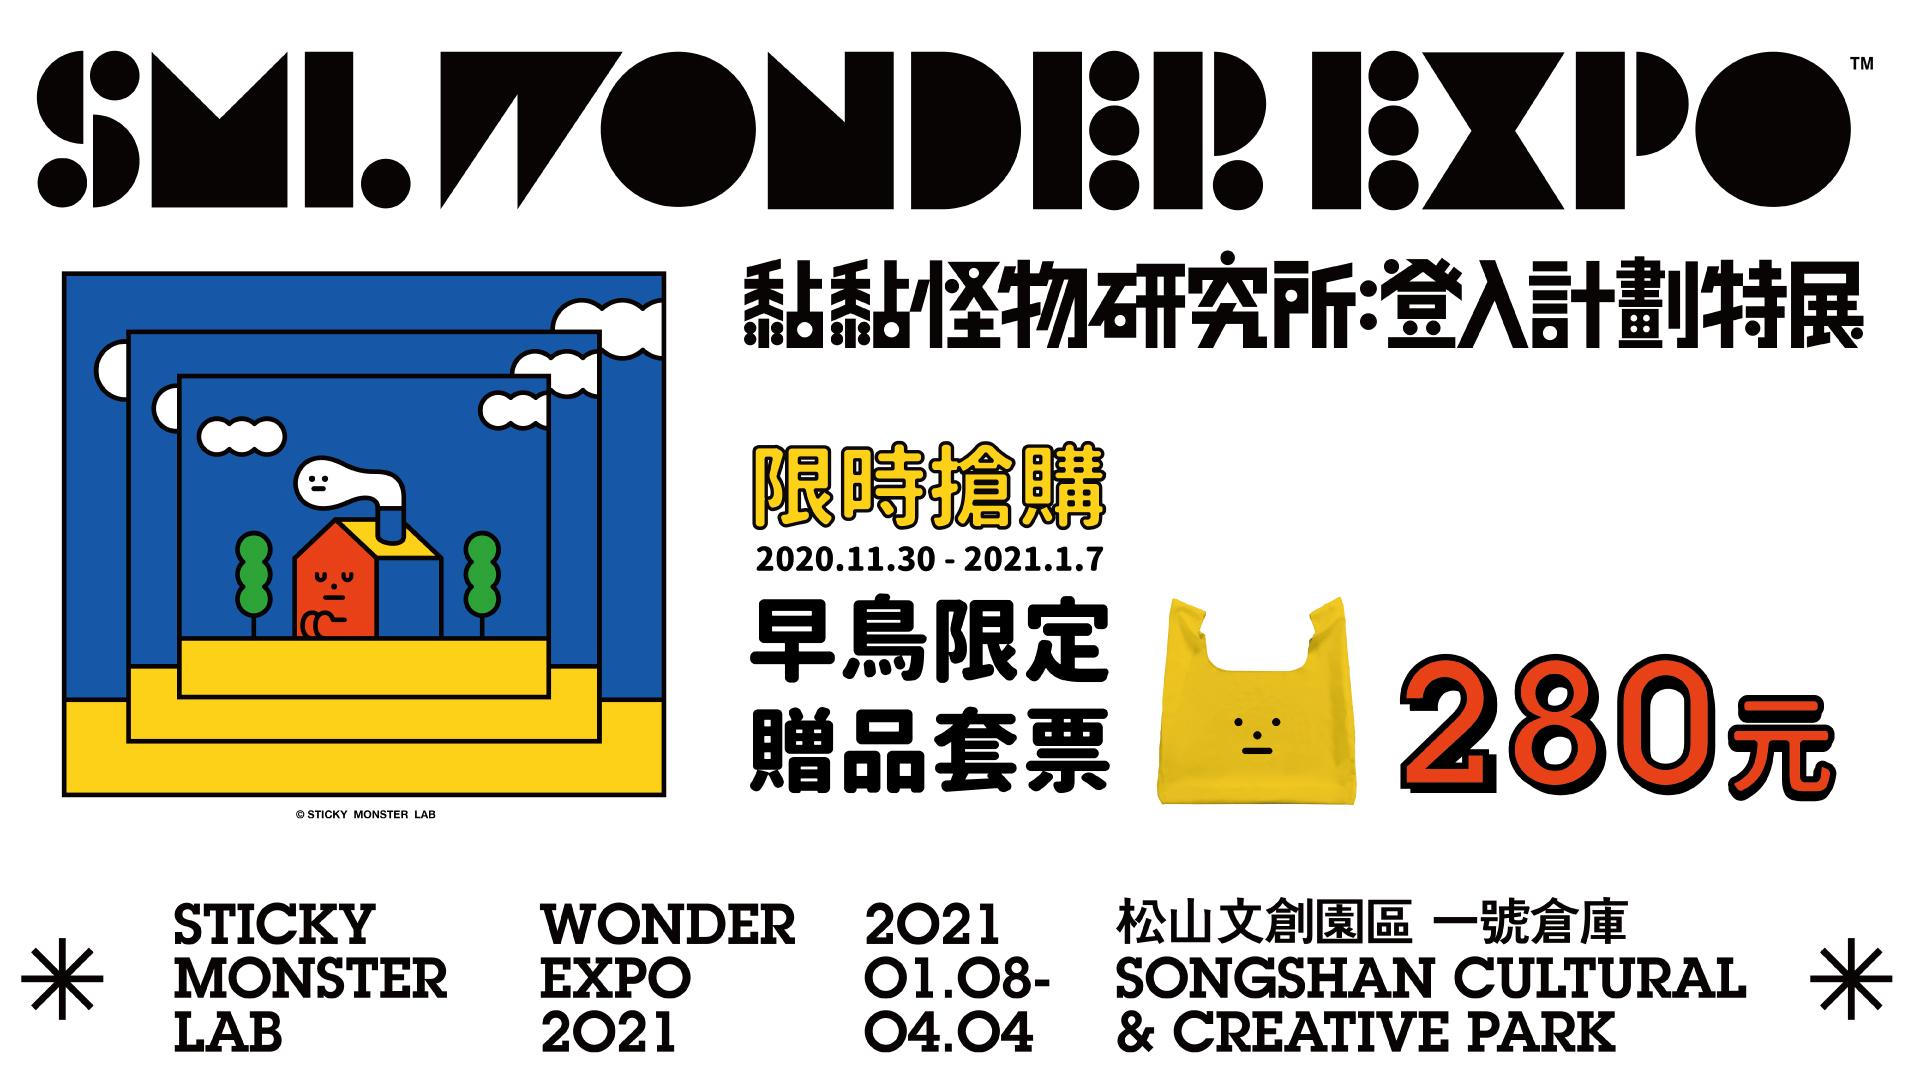 SML WONDER EXPO 黏黏怪物研究所:登入計劃特展(早鳥贈品套票)